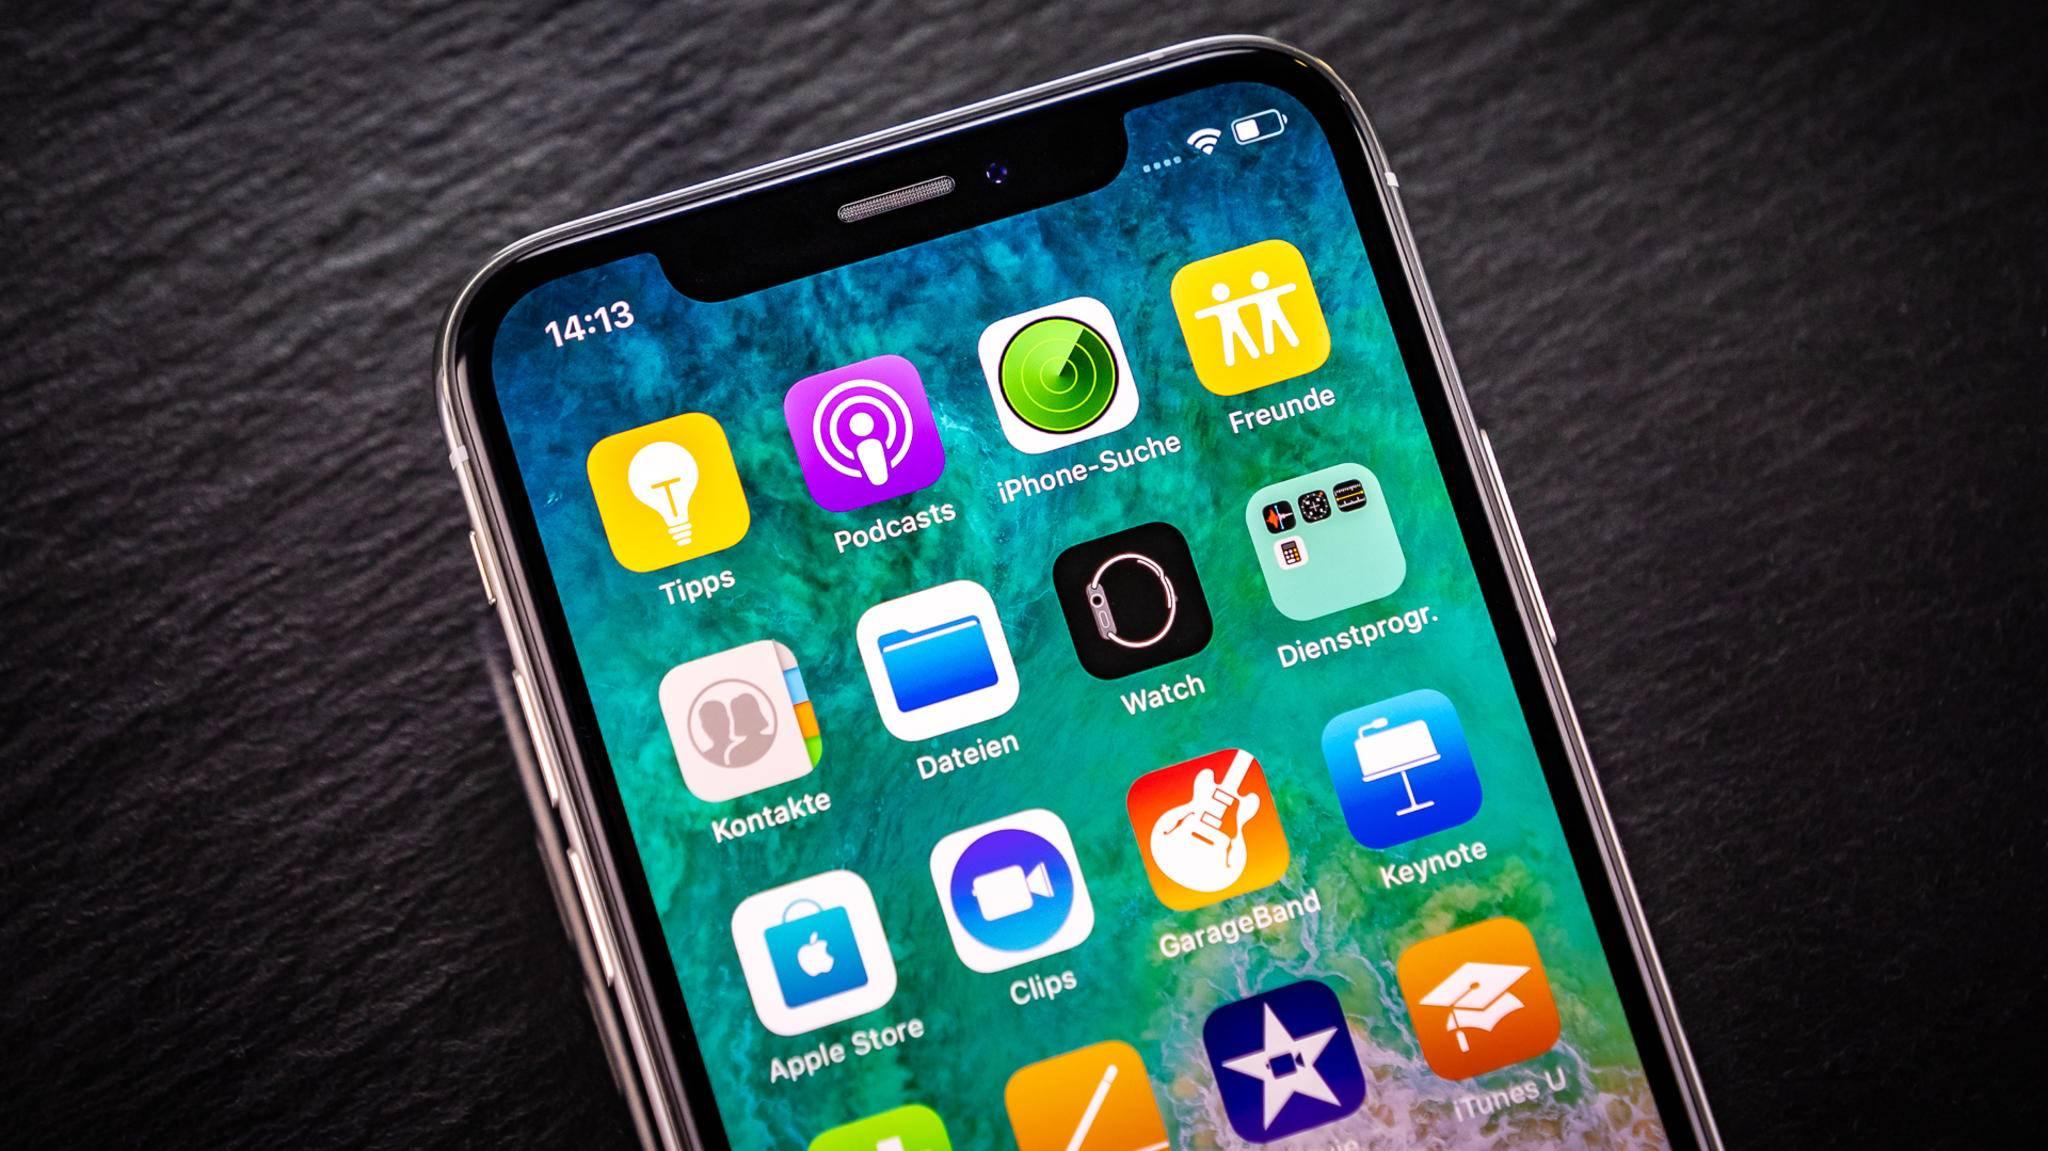 Die Notch des iPhone X war 2018 für viele Hersteller eine große Inspiration.